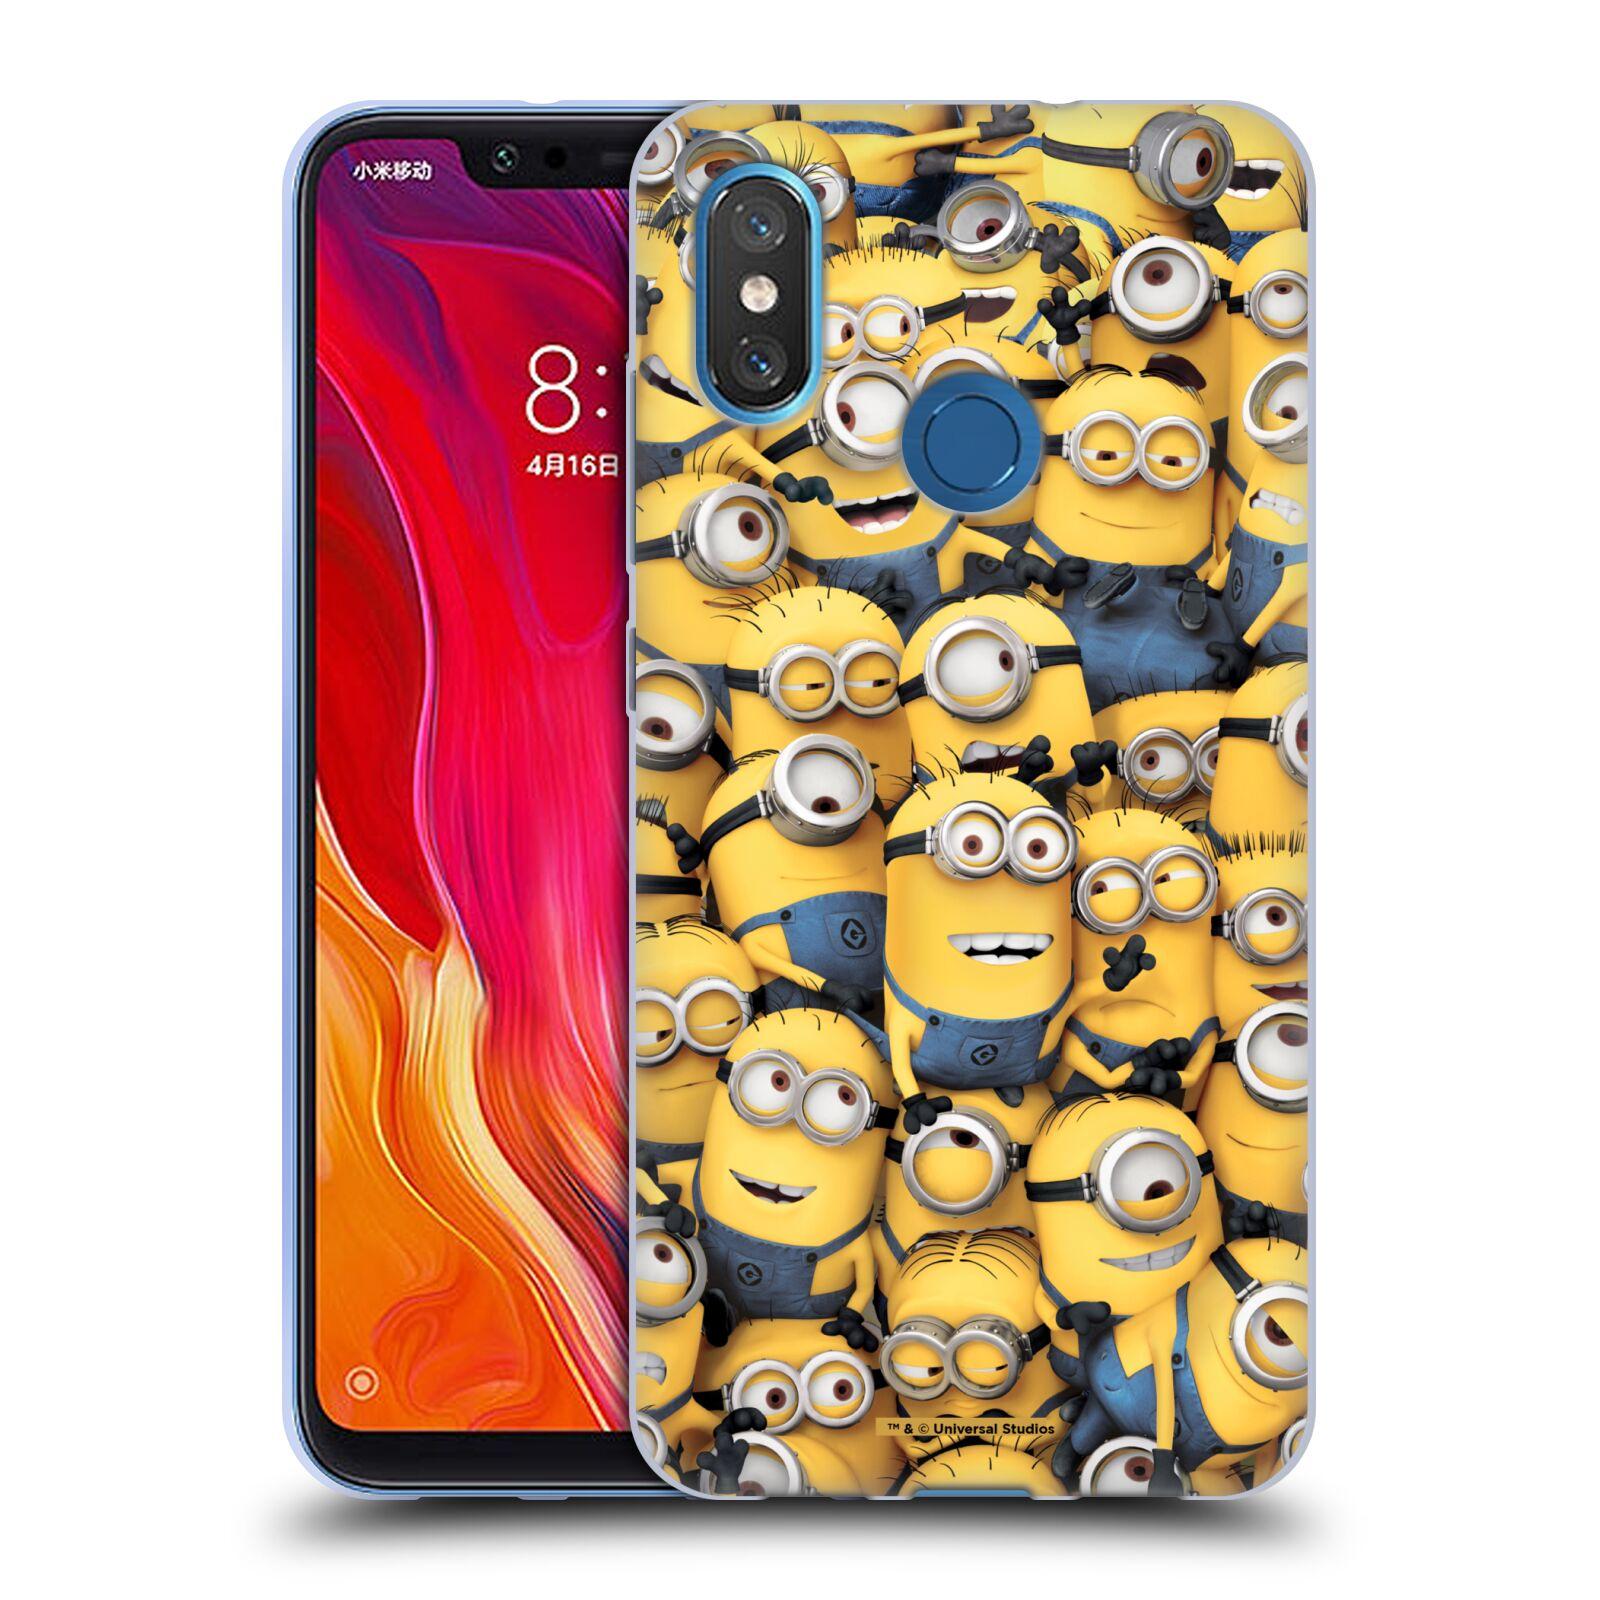 Silikonové pouzdro na mobil Xiaomi Mi8 - Head Case - Mimoni všude z filmu Já, padouch - Despicable Me